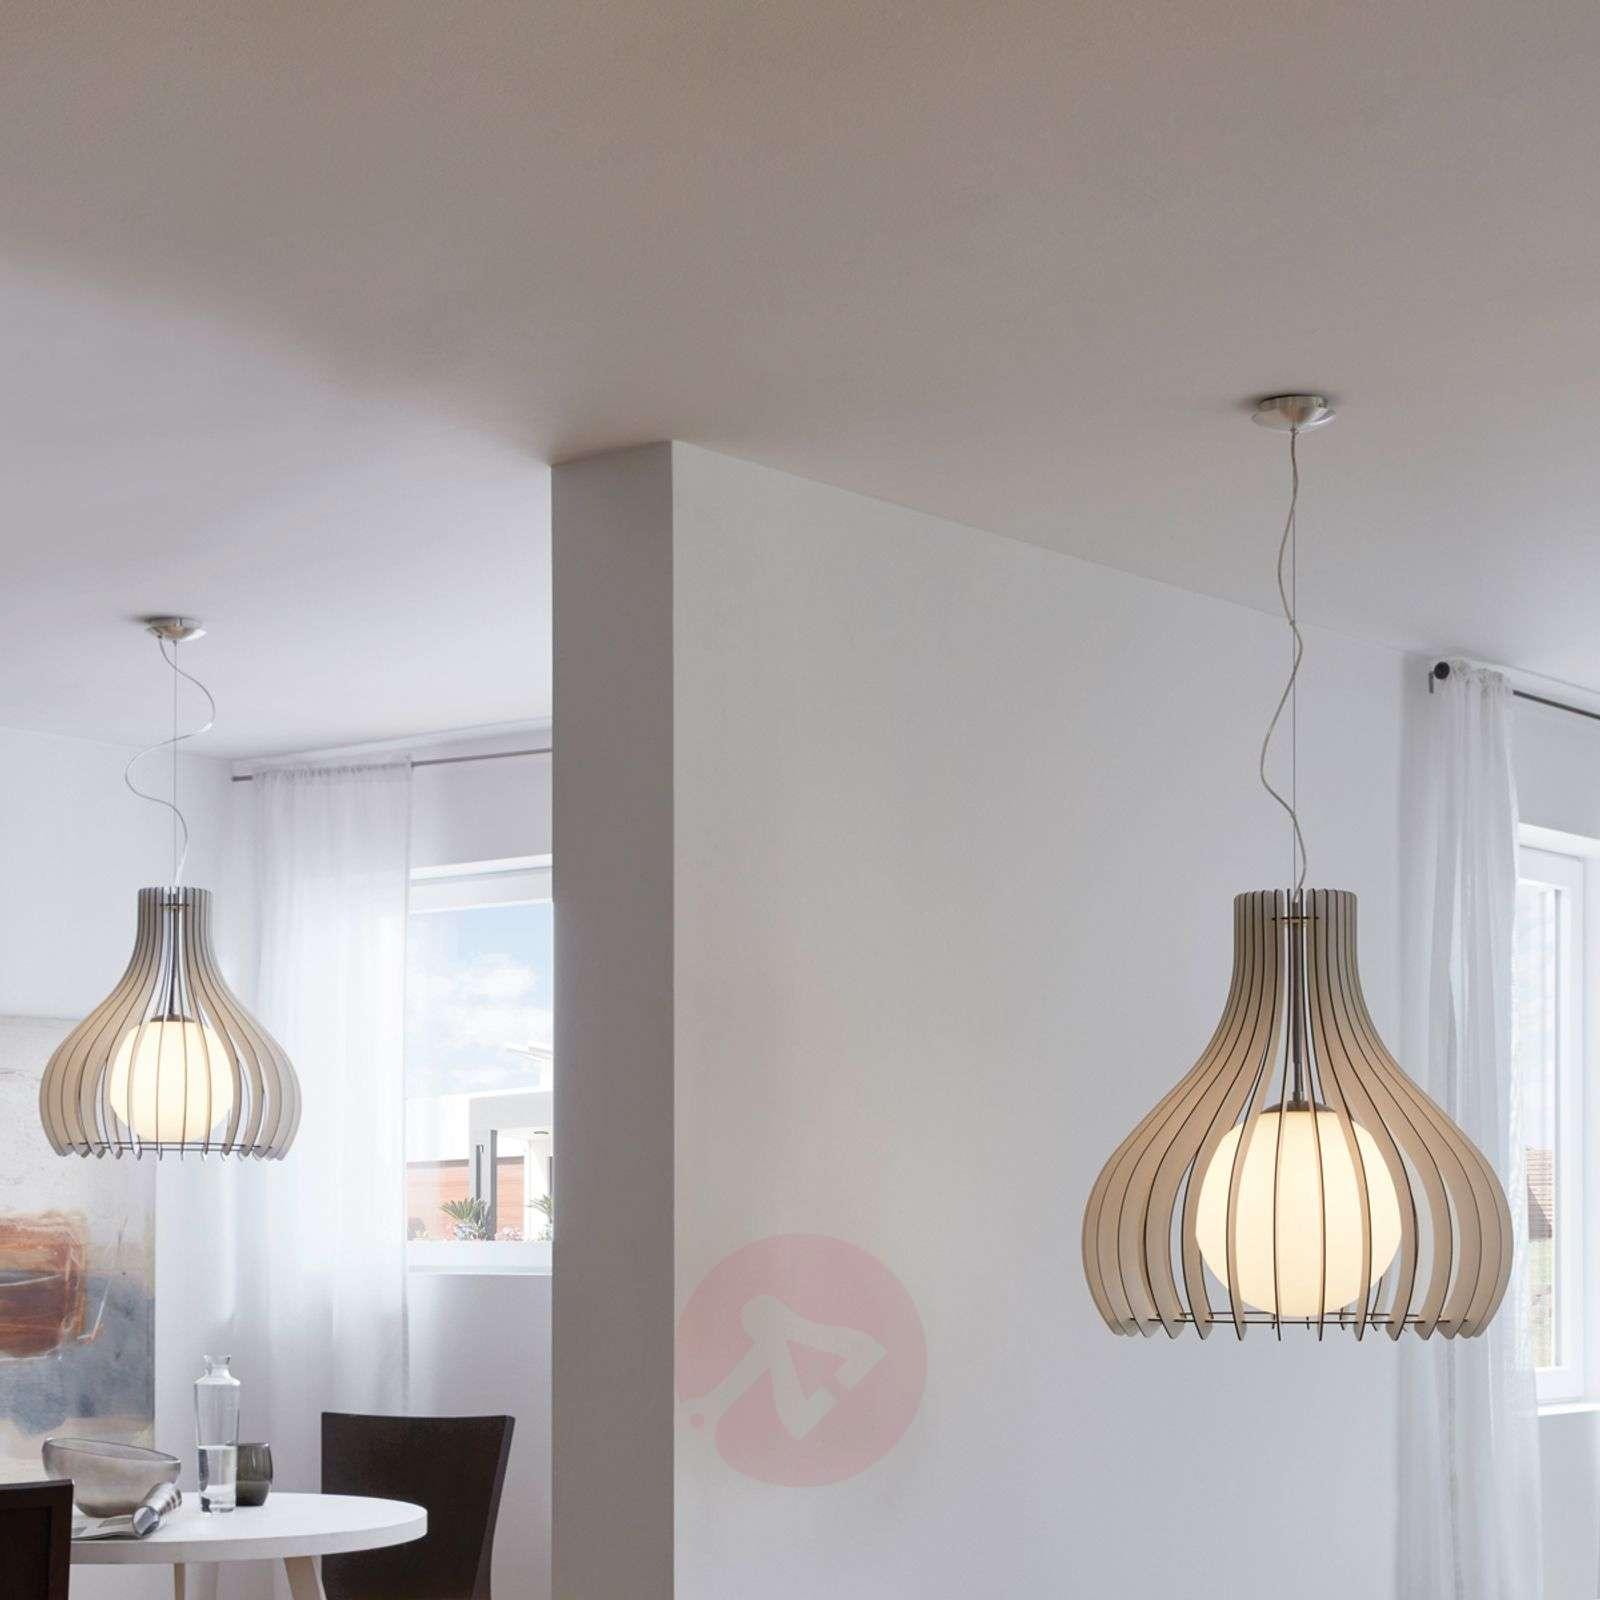 Kaunis Tindori-riippuvalaisin puulamelleilla-3031821-02